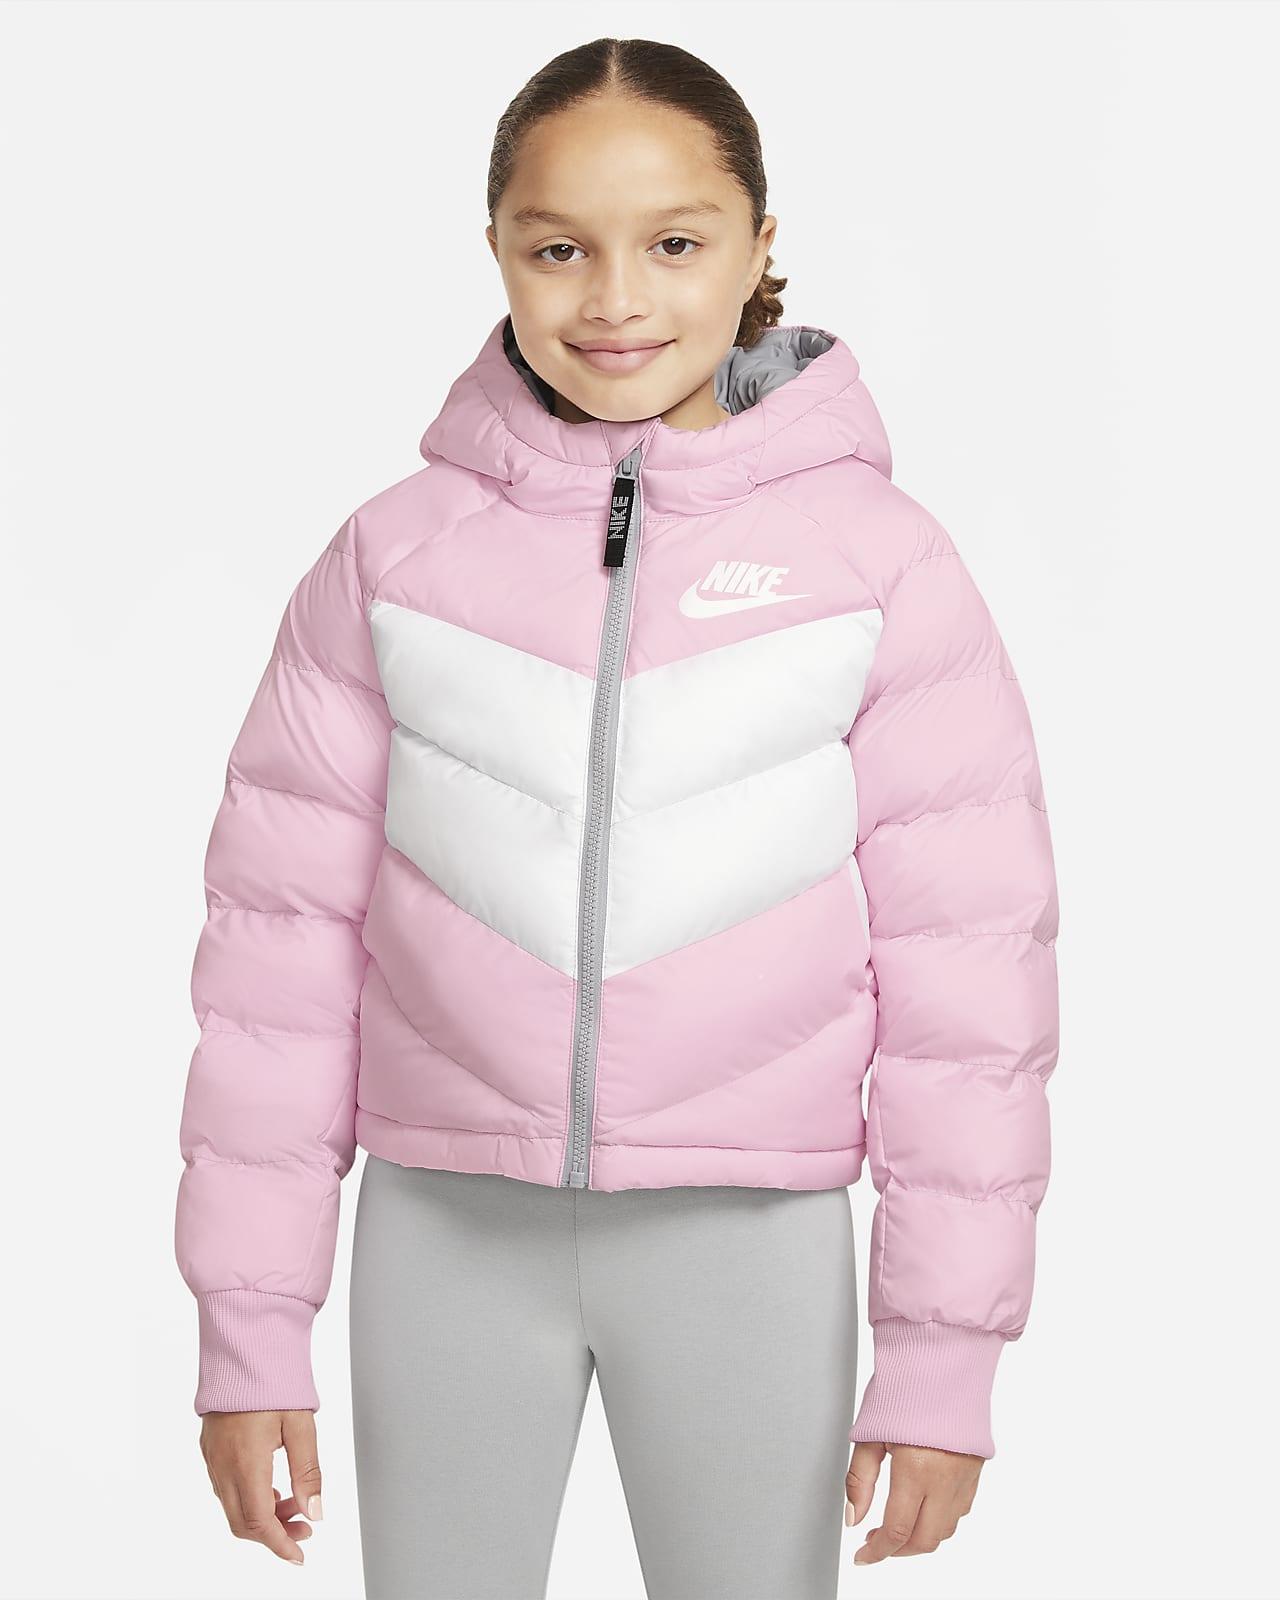 Nike Sportswear Big Kids' (Girls') Synthetic Fill Hooded Jacket